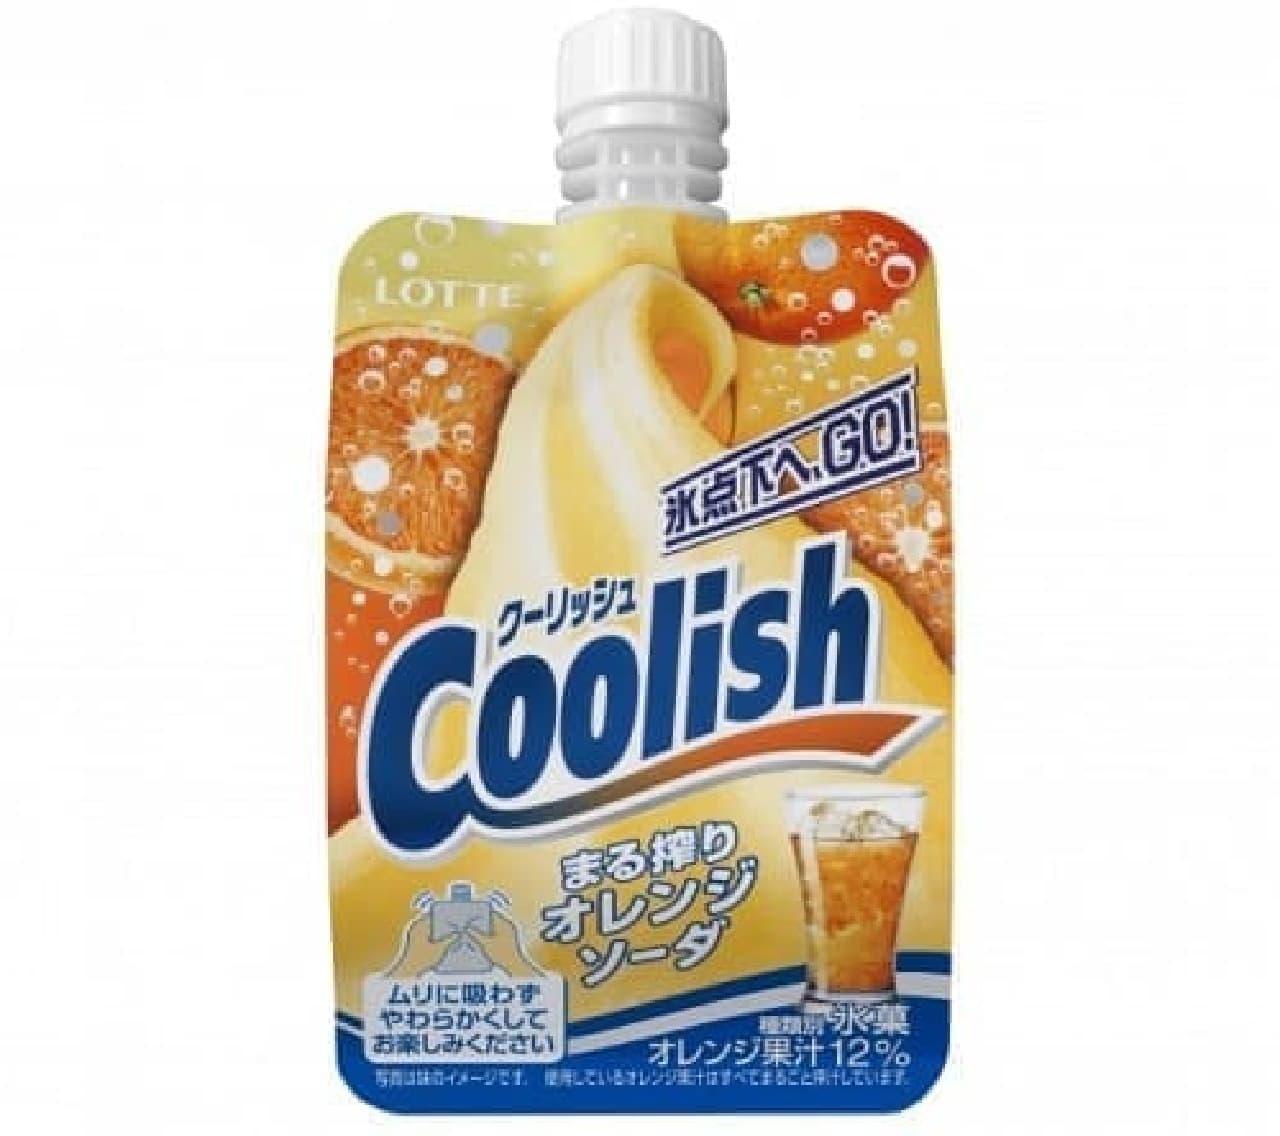 ロッテ「クーリッシュ まる搾りオレンジソーダ」